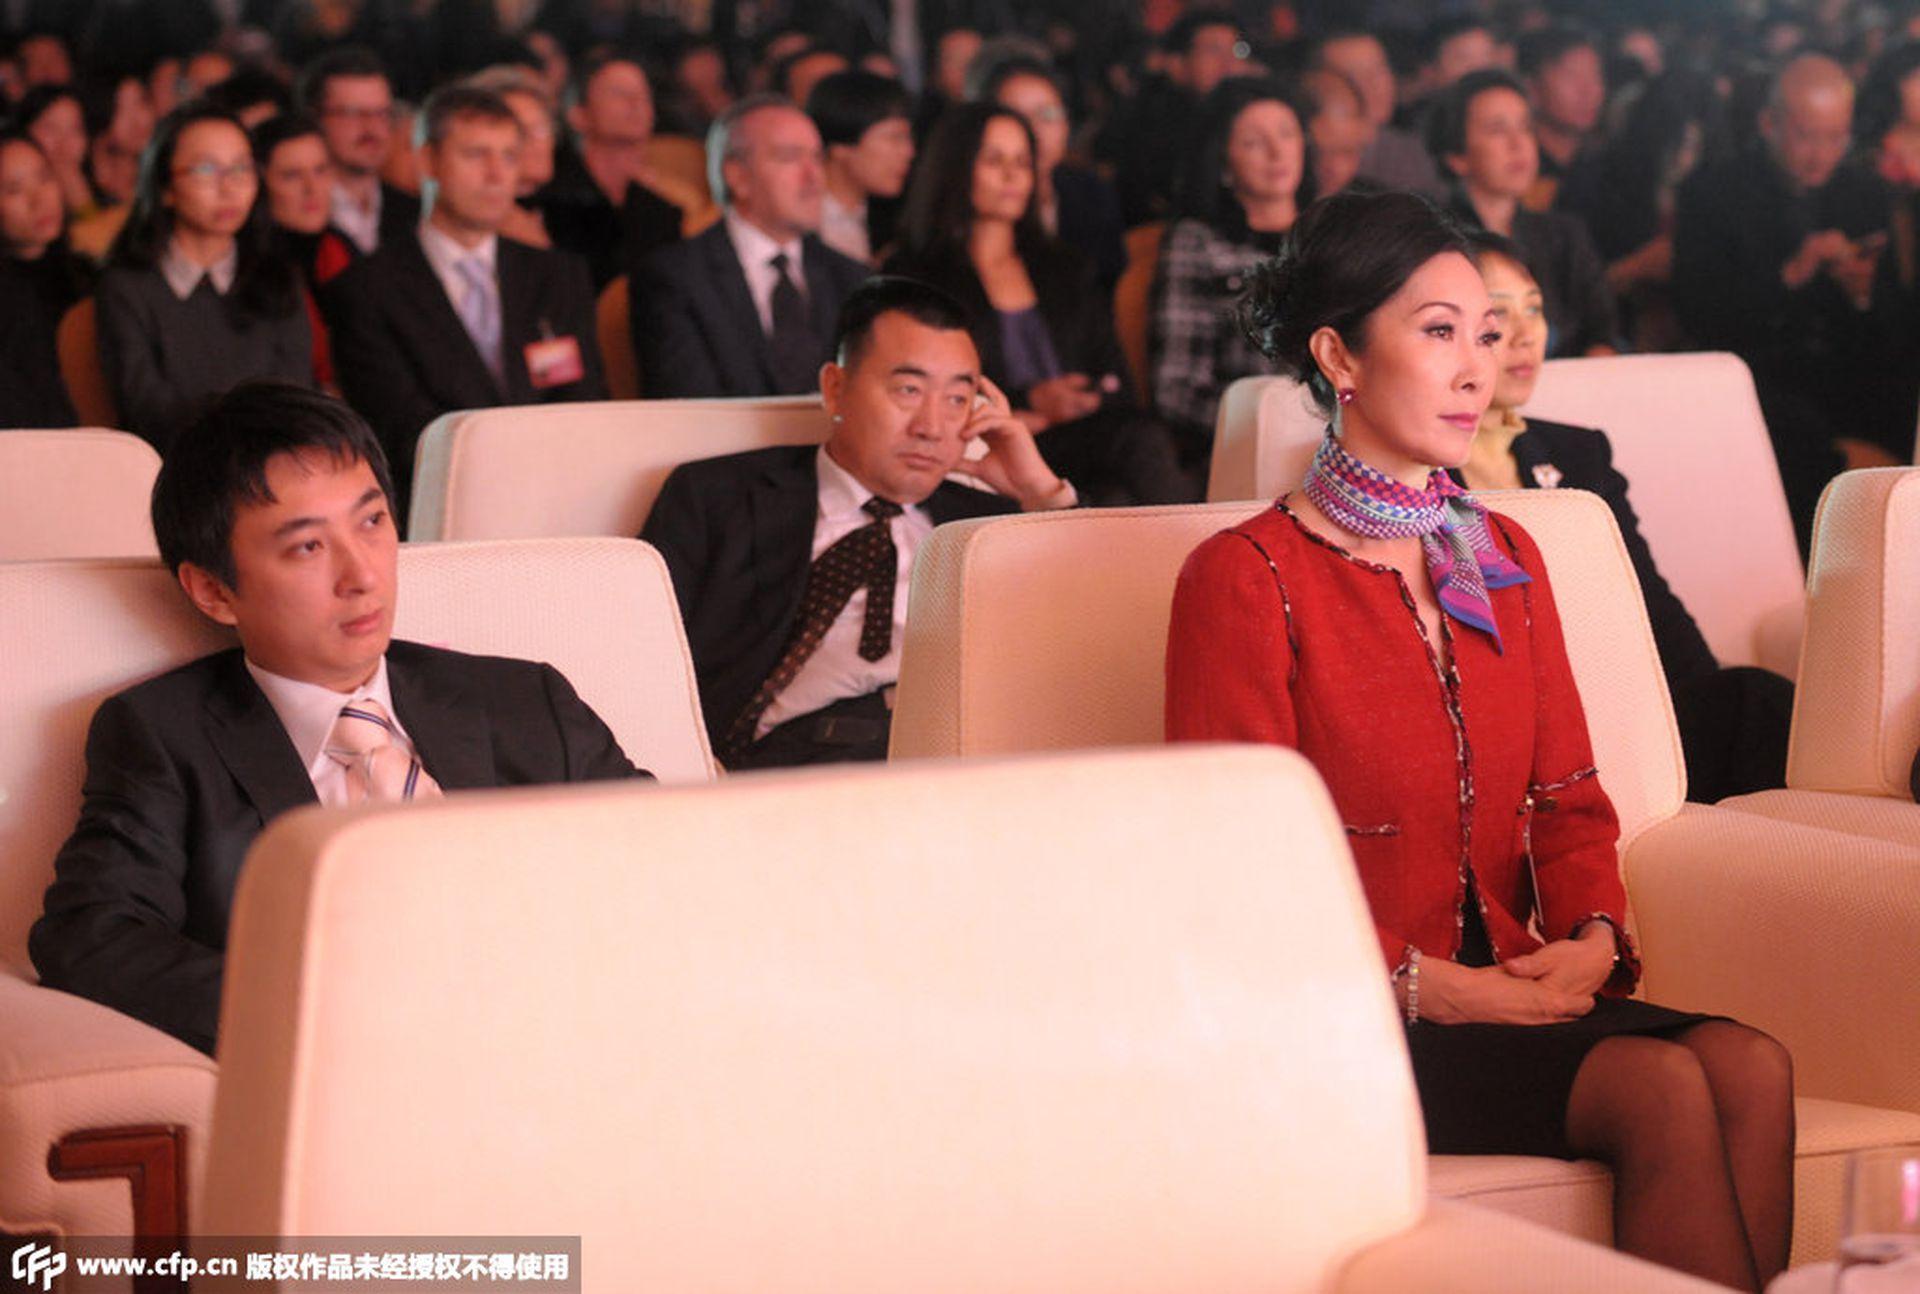 """王思聪""""破产""""公司被瞩 """"红色后代""""名媛母亲曾豪掷1亿搭救"""